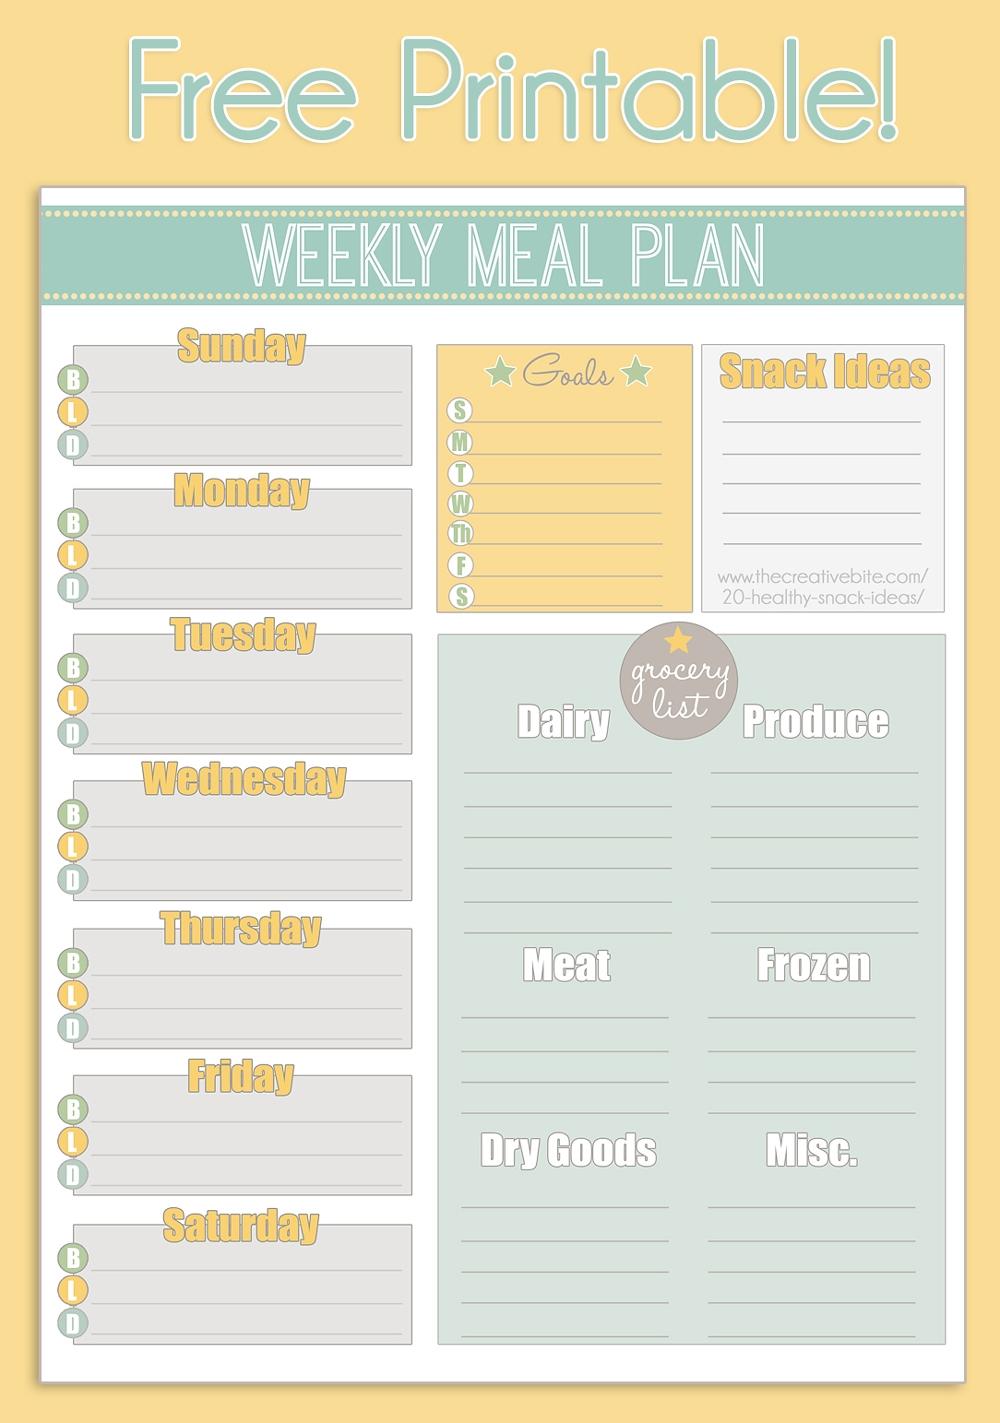 Free Printable Weekly Meal Planner Calendar3abry